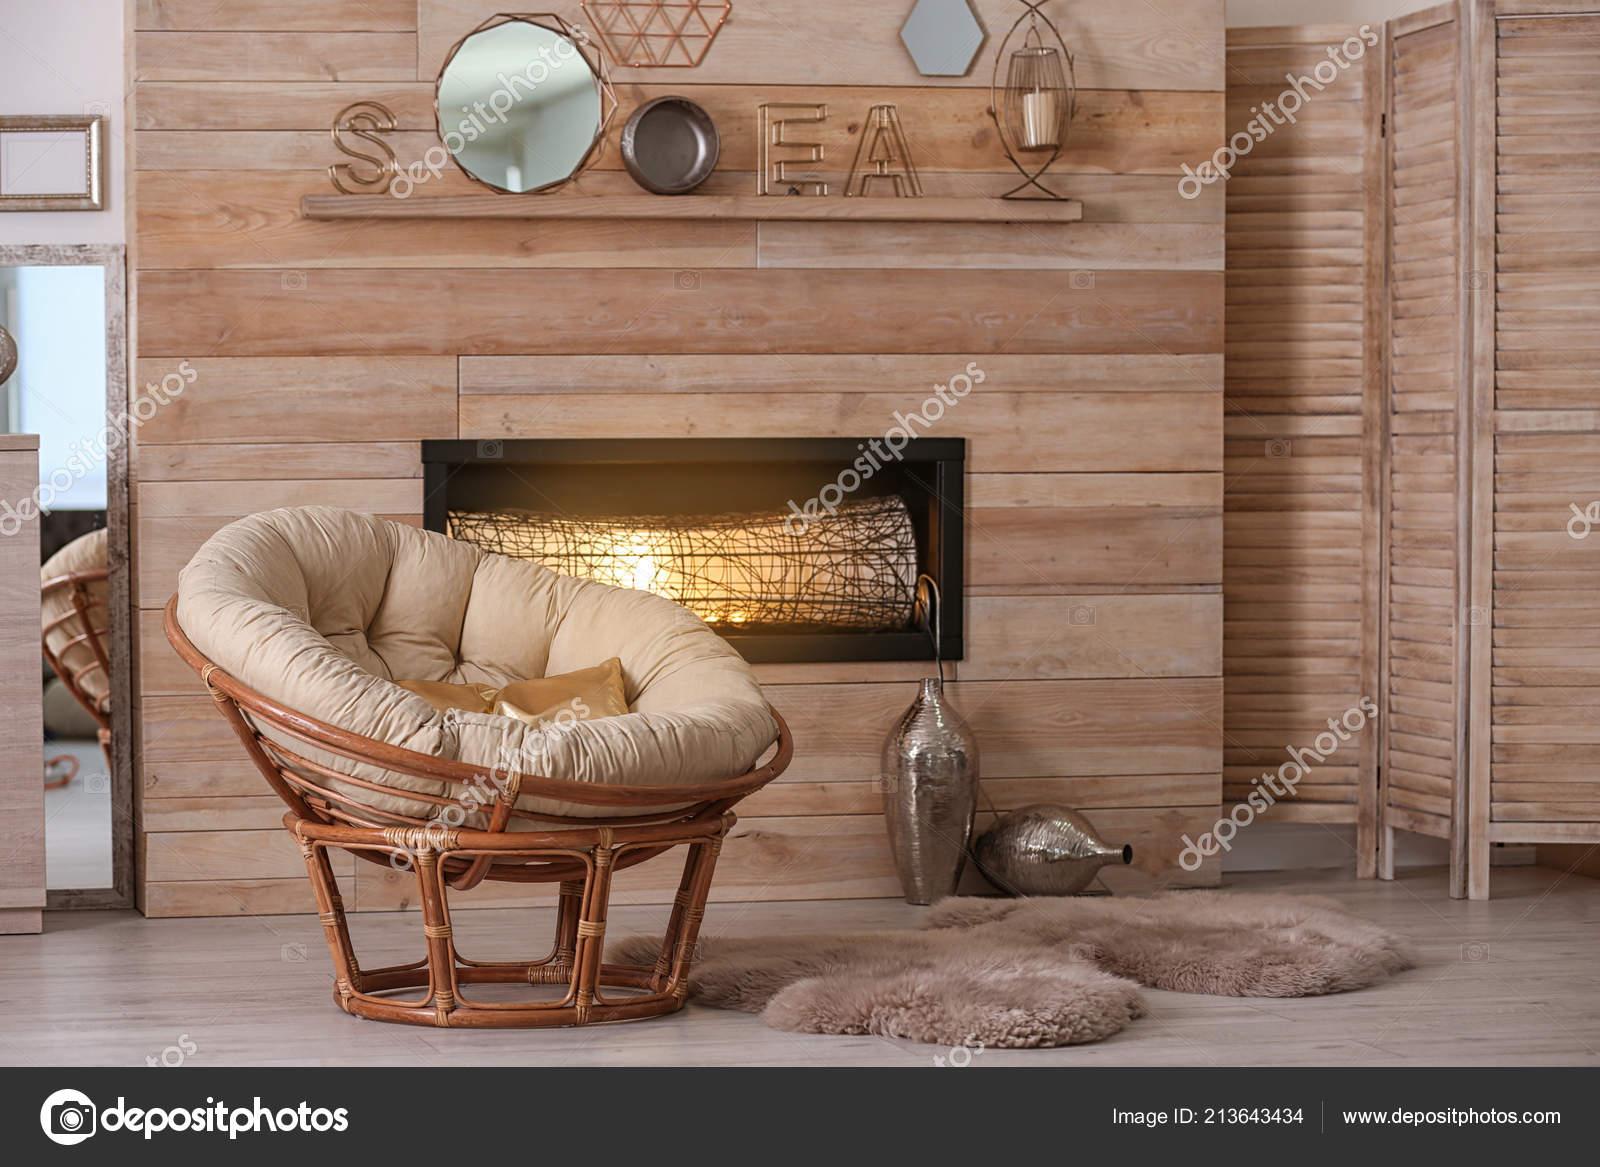 Gemütliches Wohnzimmer Interieur Mit Komfortablen Papasan Stuhl Und ...